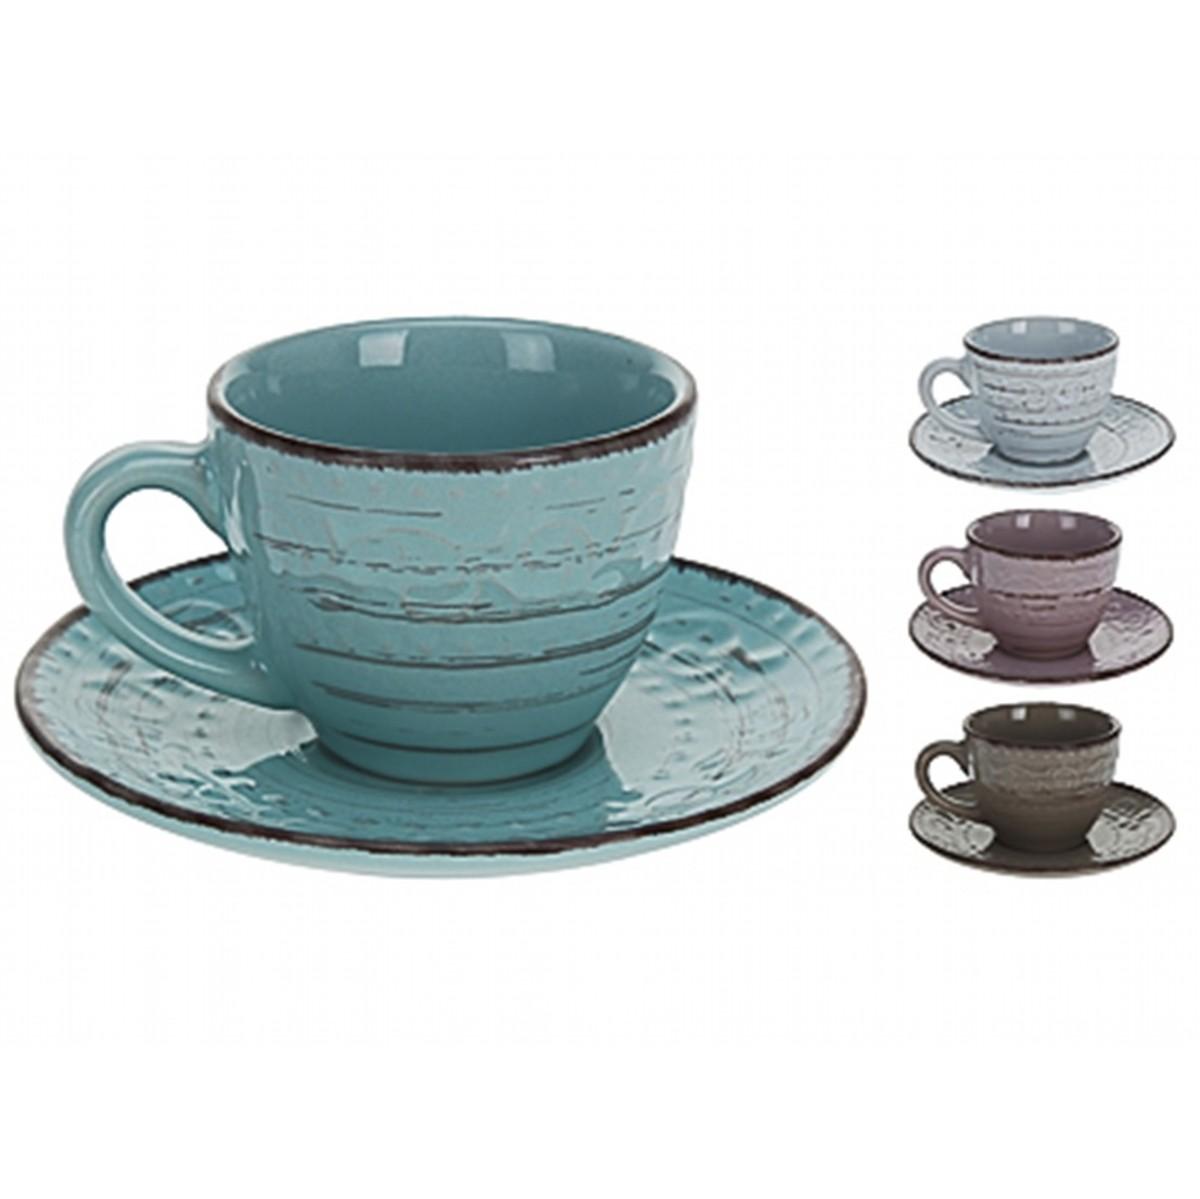 Кружка для эспрессо с блюдцемExcellent Houseware производит посуду и различные предметы для дома. Кружка с блюдцем - прекрасный подарок для кофеманов. Они создают уютную атмосферу спокойствия и гармонии, и, конечно, украшают стол. Внимание! Выбрать цвет заранее не представляется возможным.<br>